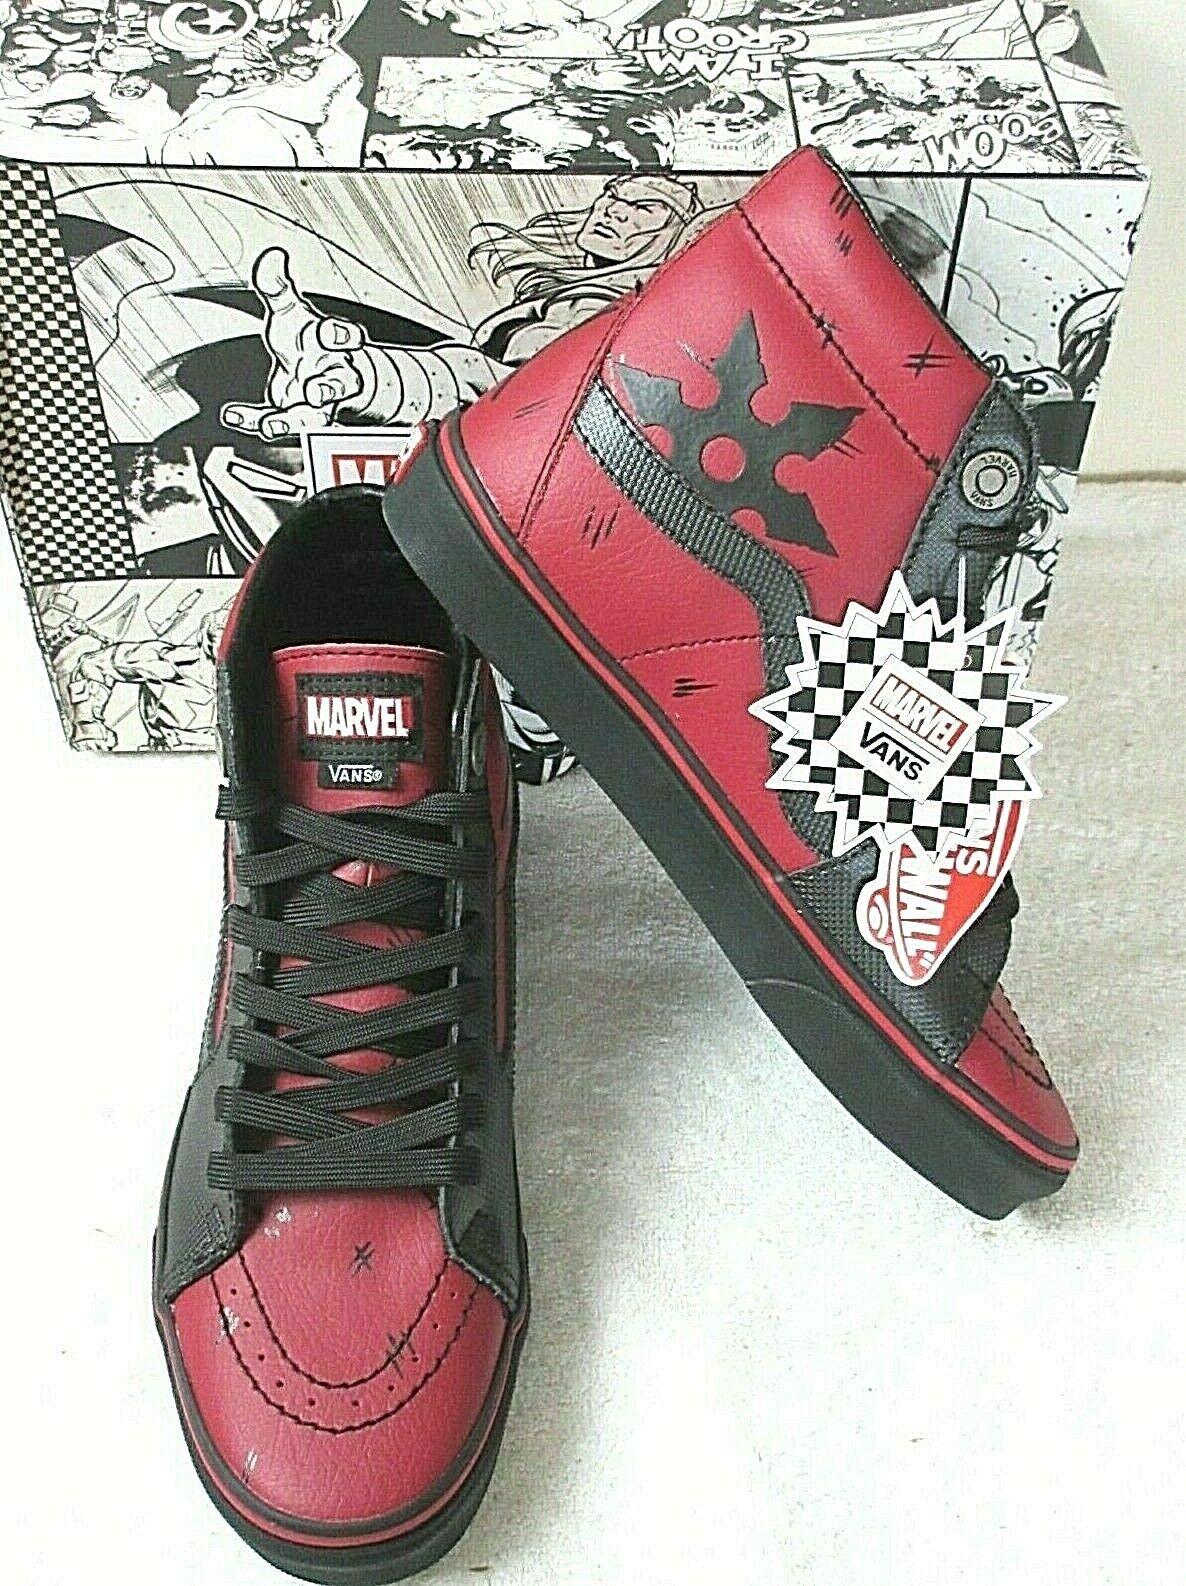 Size 7 - VANS Sk8-Hi x Marvel Deadpool for sale online | eBay